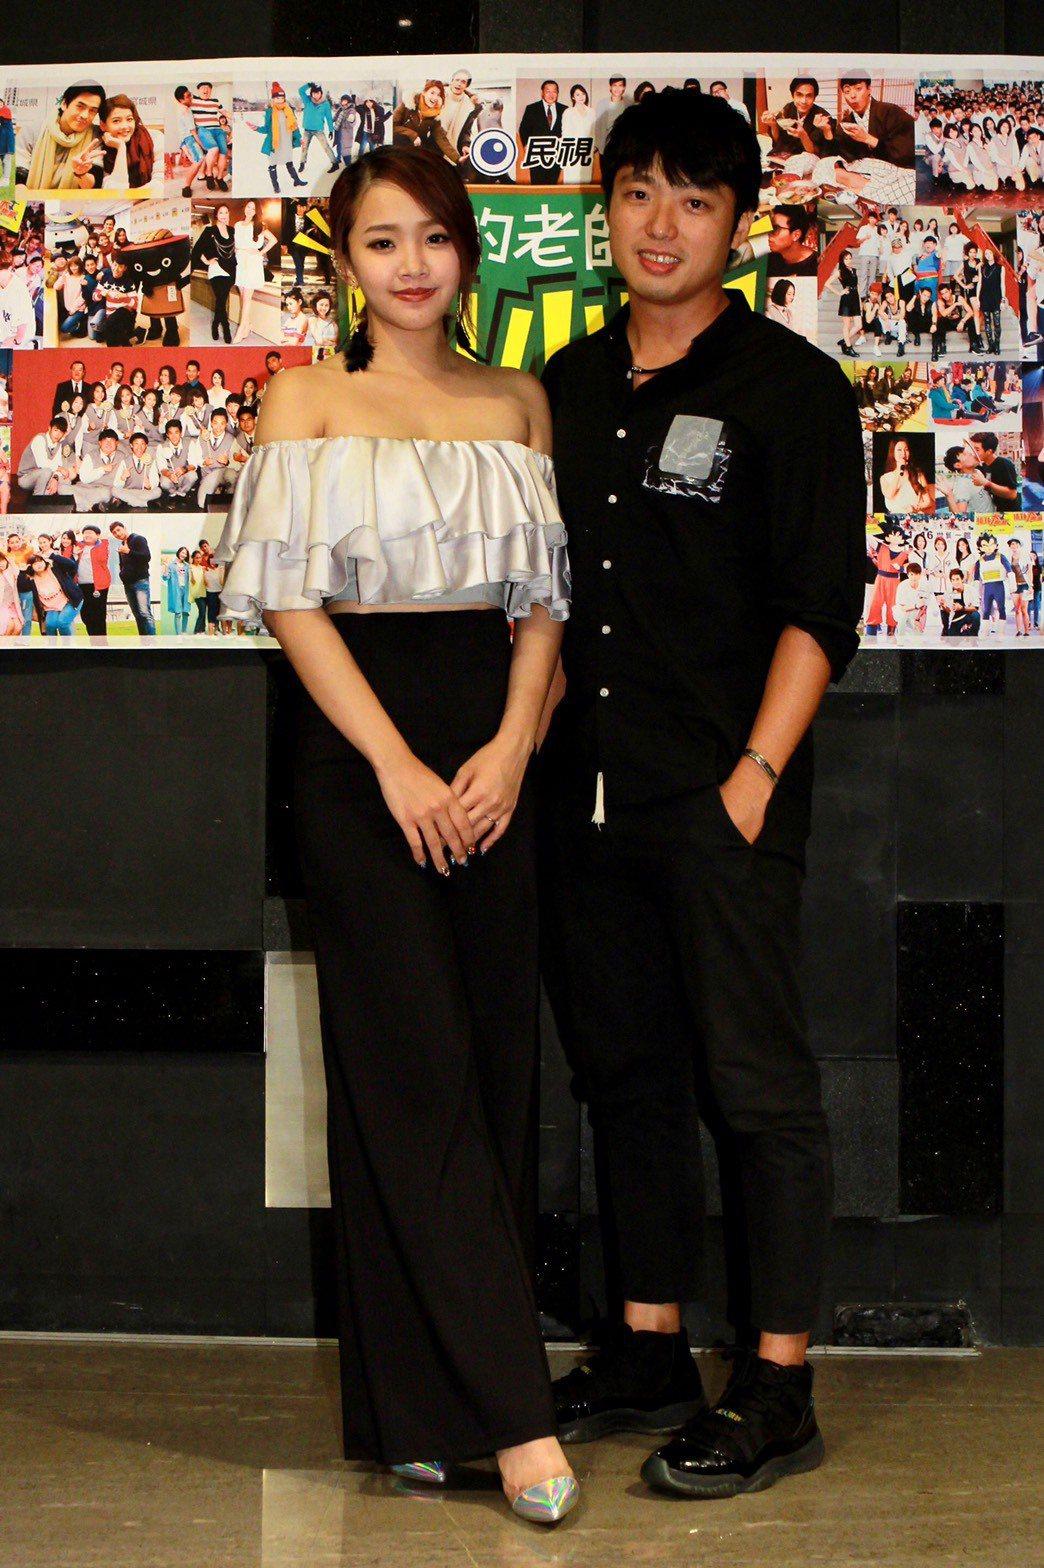 「我的老師叫小賀」戲外促成一對佳偶,導演高琮凱與演員賴慧如相差16 歲姻緣。圖/